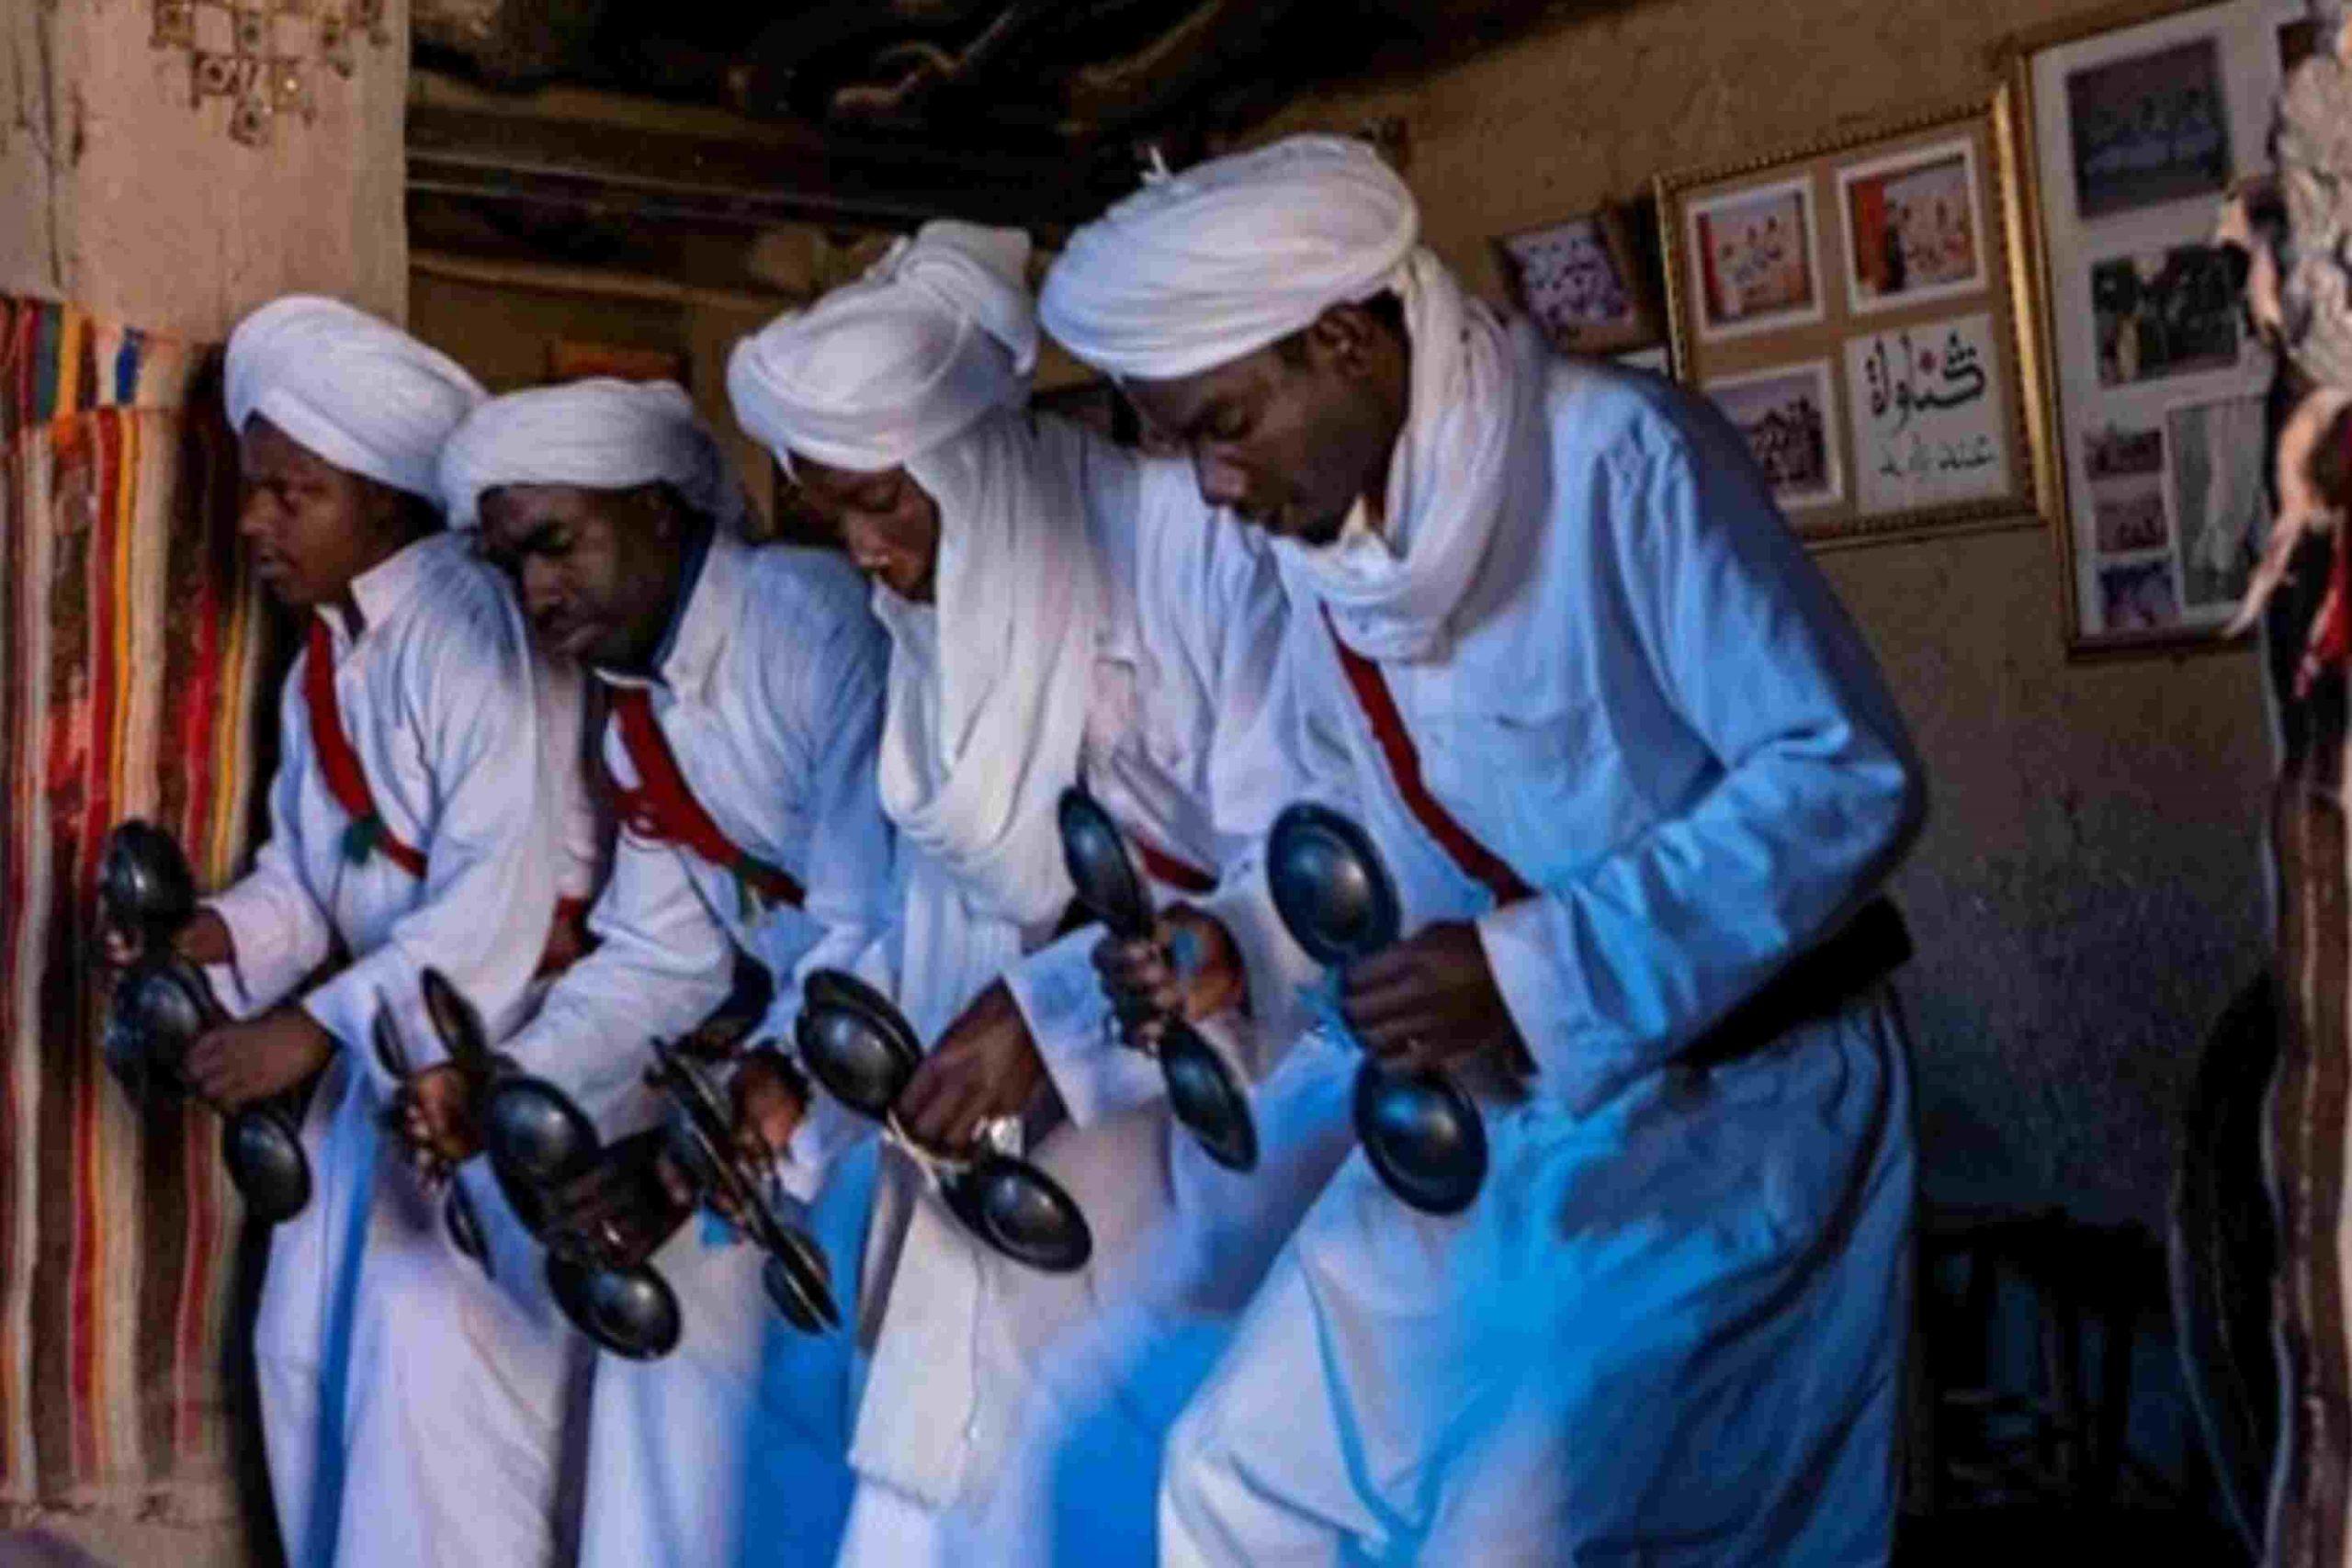 Morocco 3-Day Desert tour From Ouarzazate to Marrakech